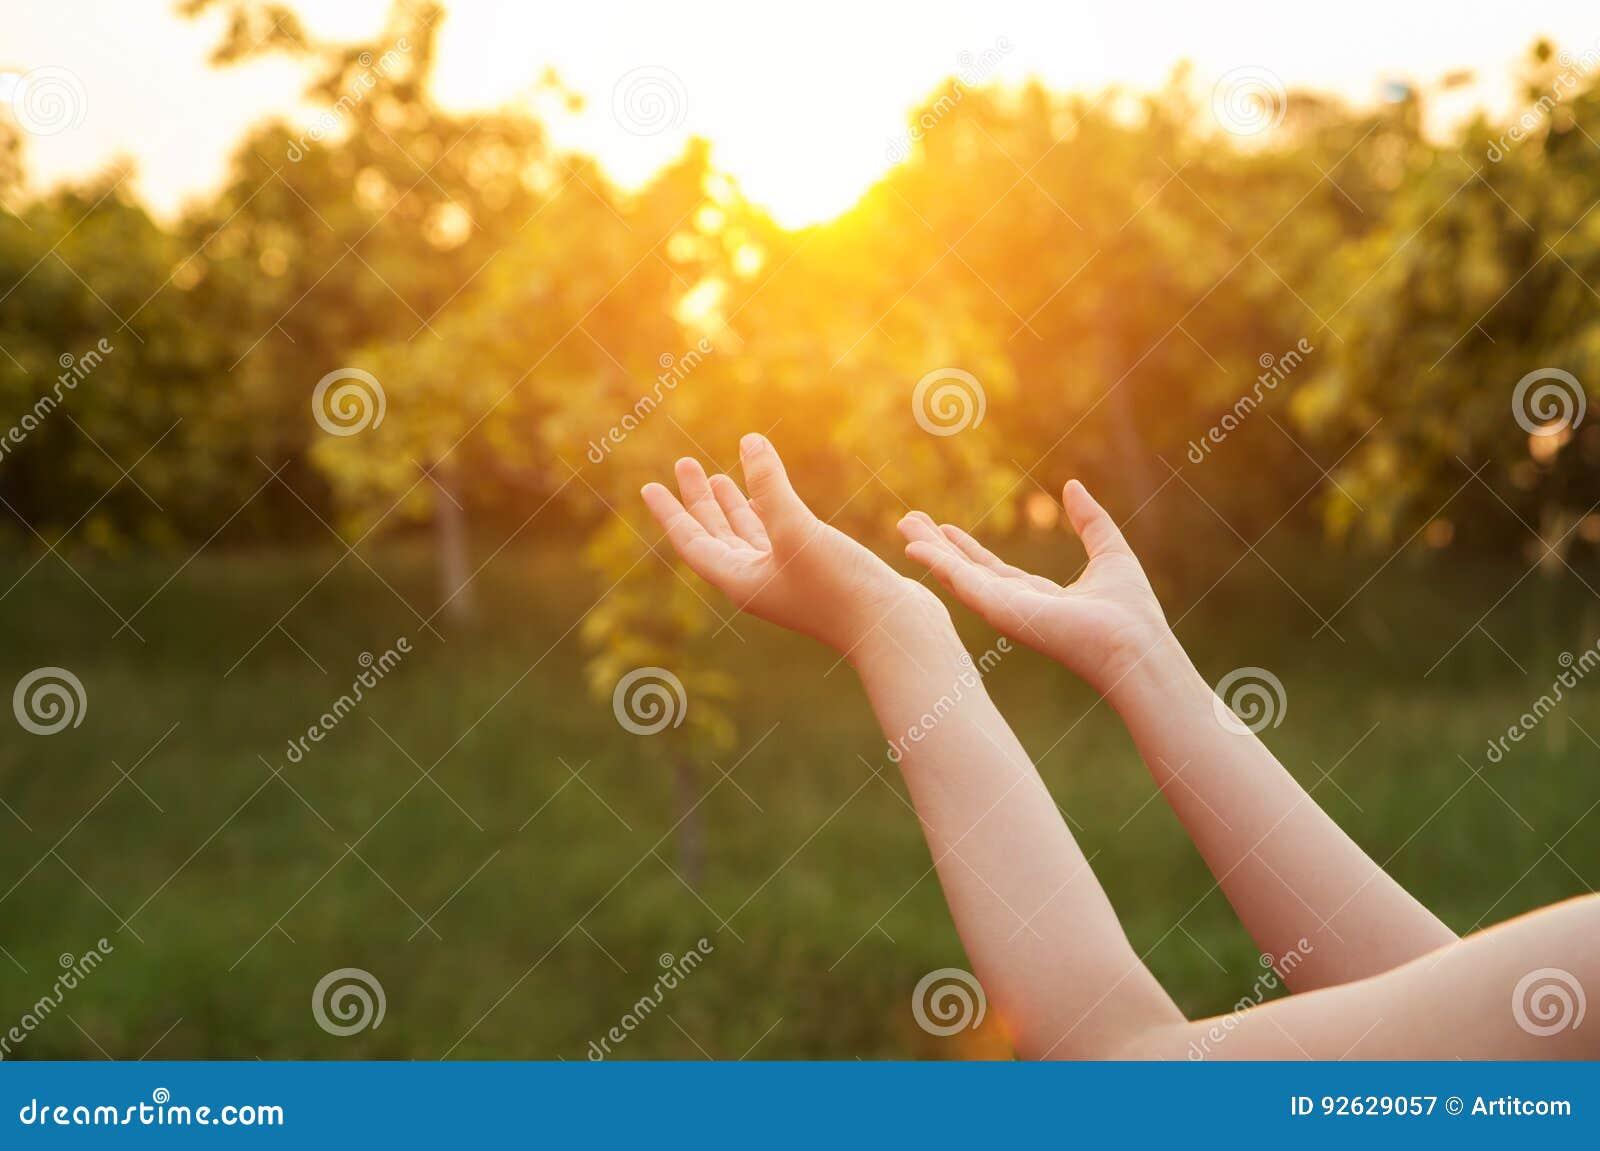 Человеческие руки раскрывают поклонение ладони поднимающее вверх Терапия евхаристии благословляет бога он